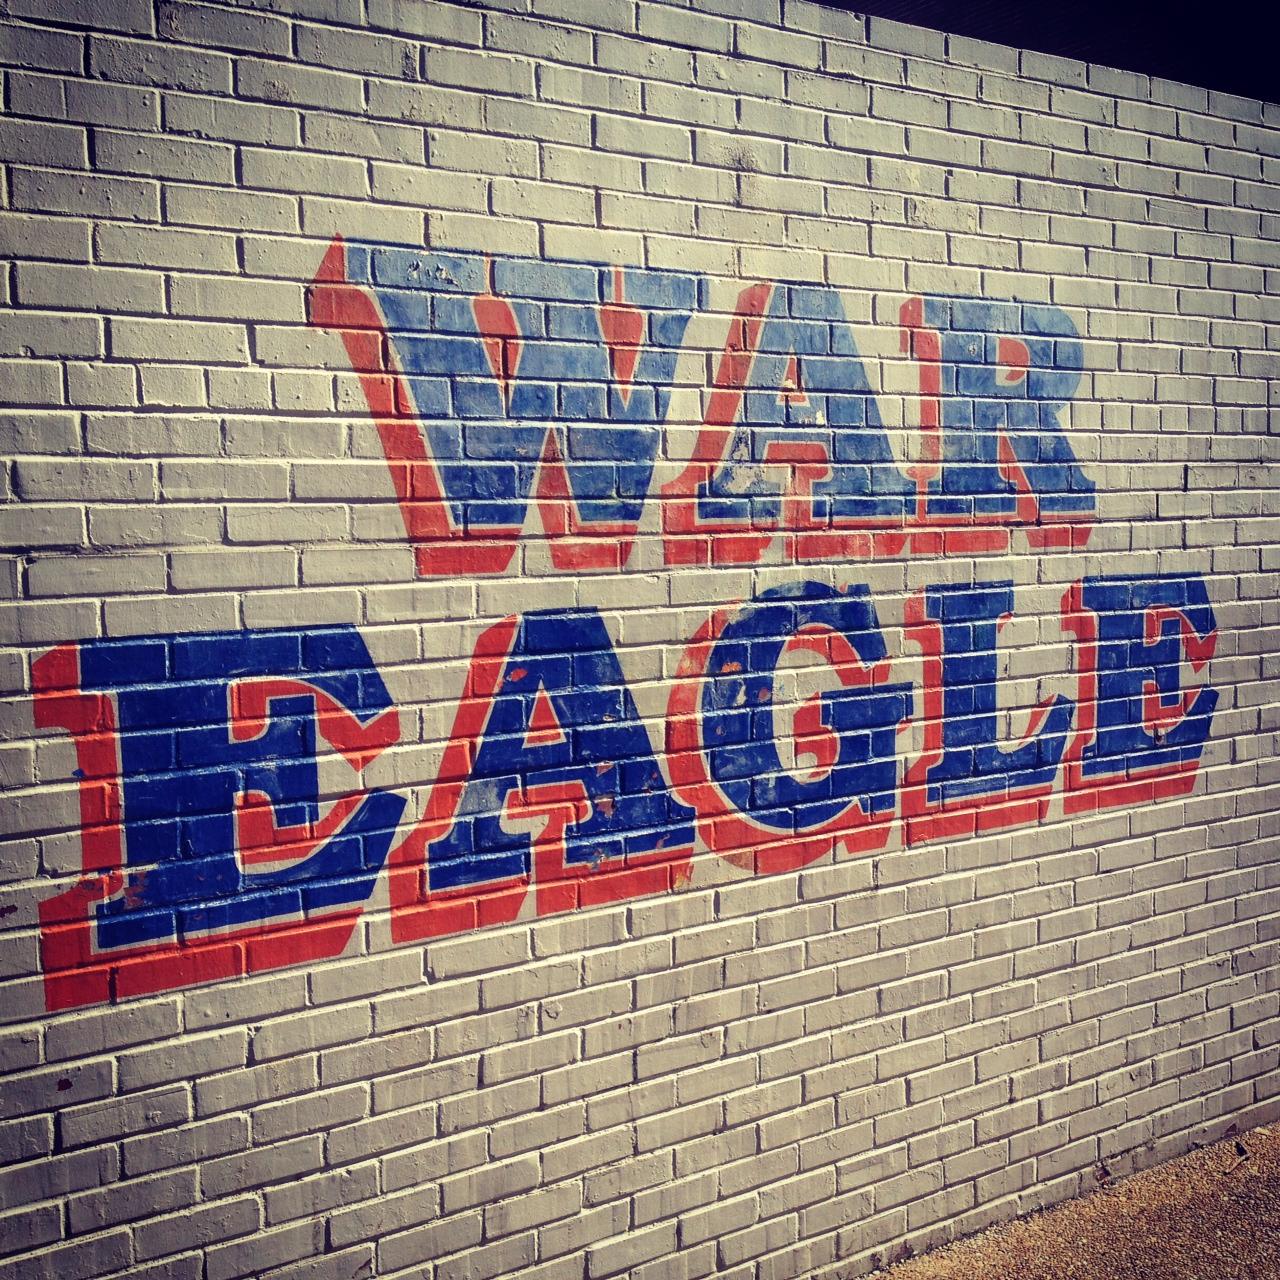 Auburn, Aren't You the WarEagles?